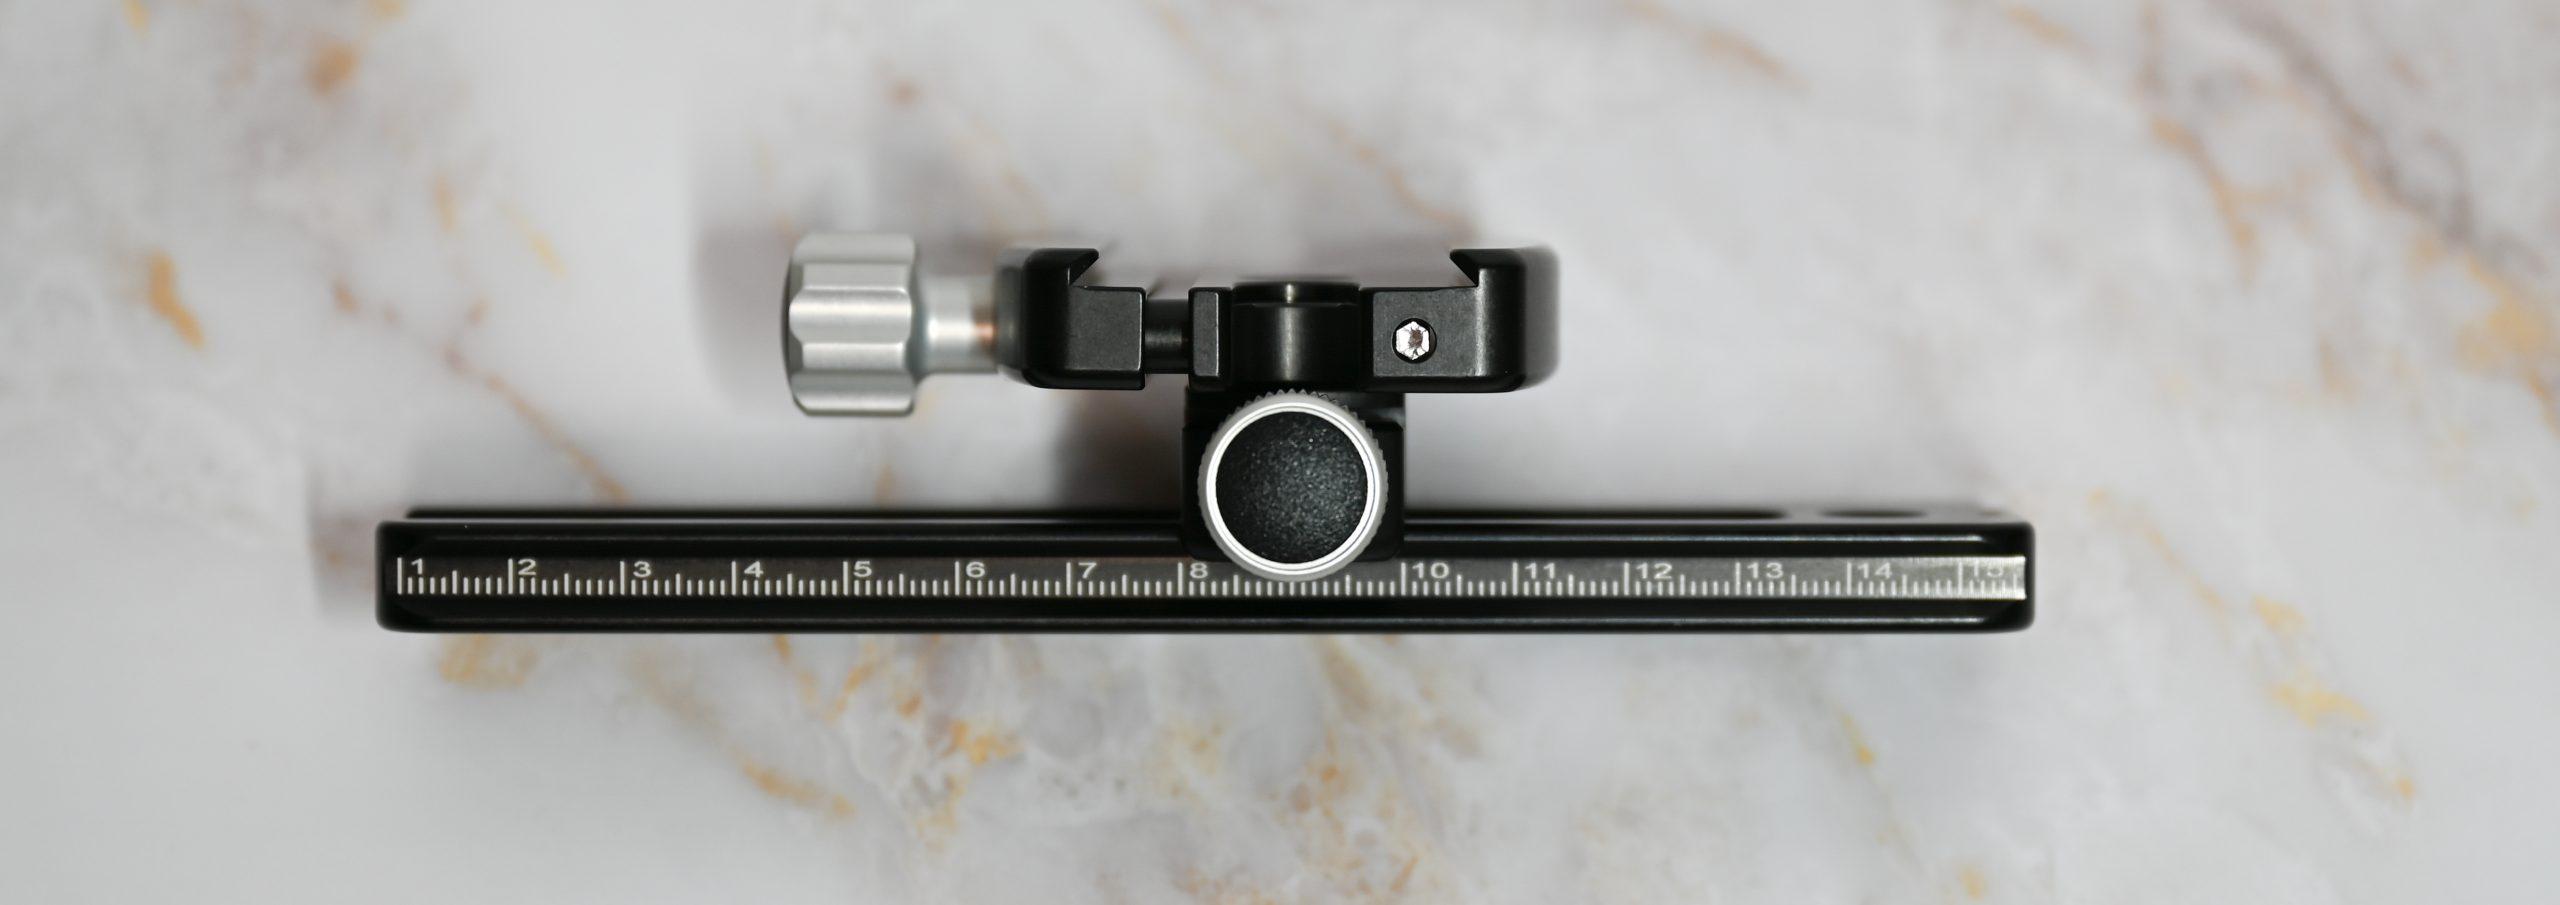 KIRK LRP-3 多目的レール7.5インチ